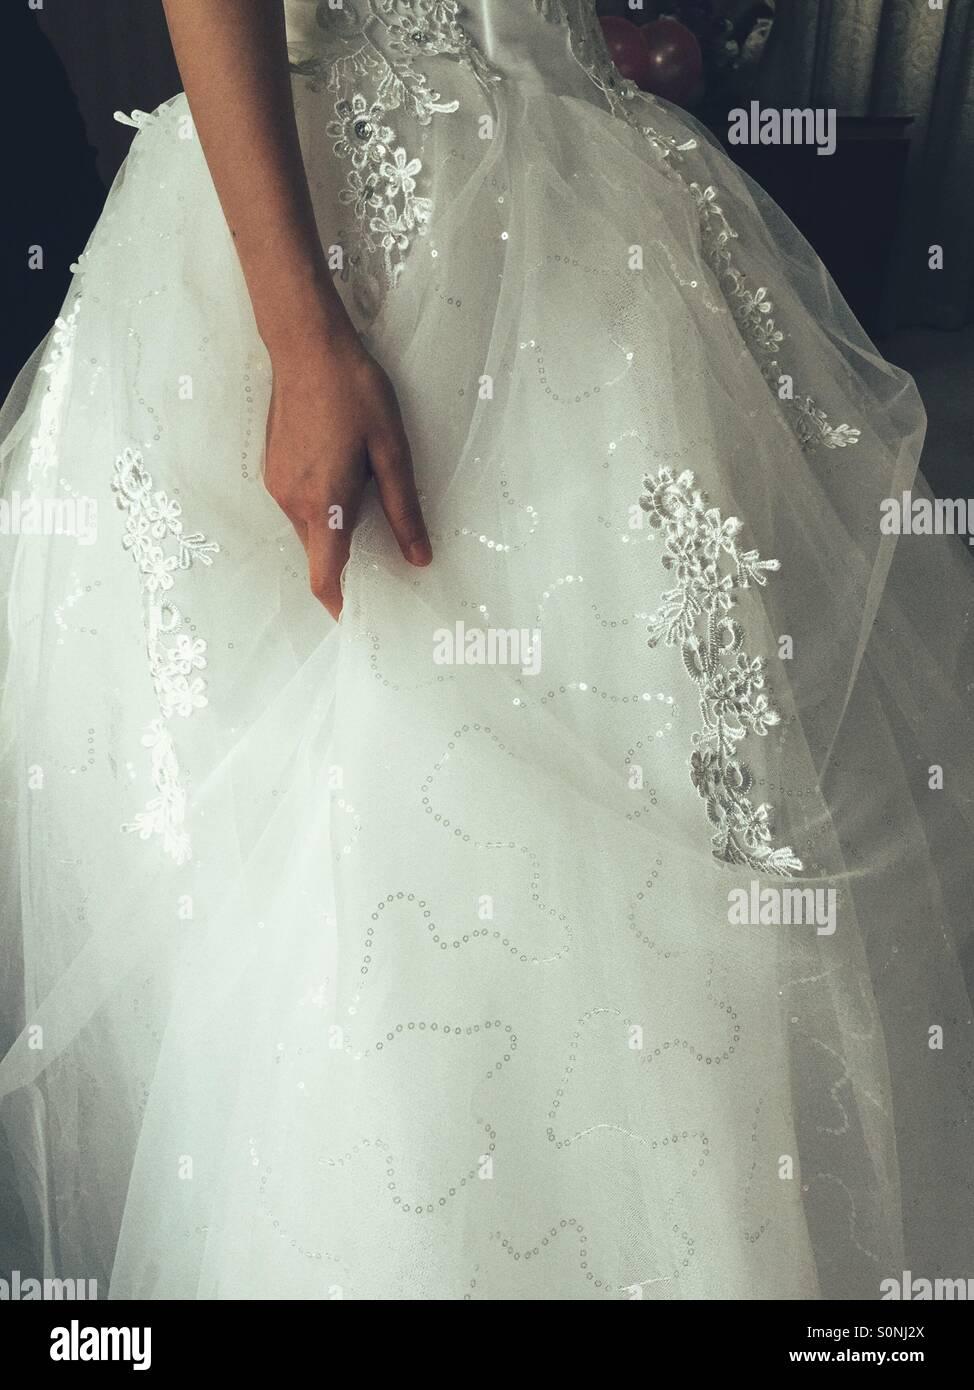 Hochzeit Kleid detail Stockbild